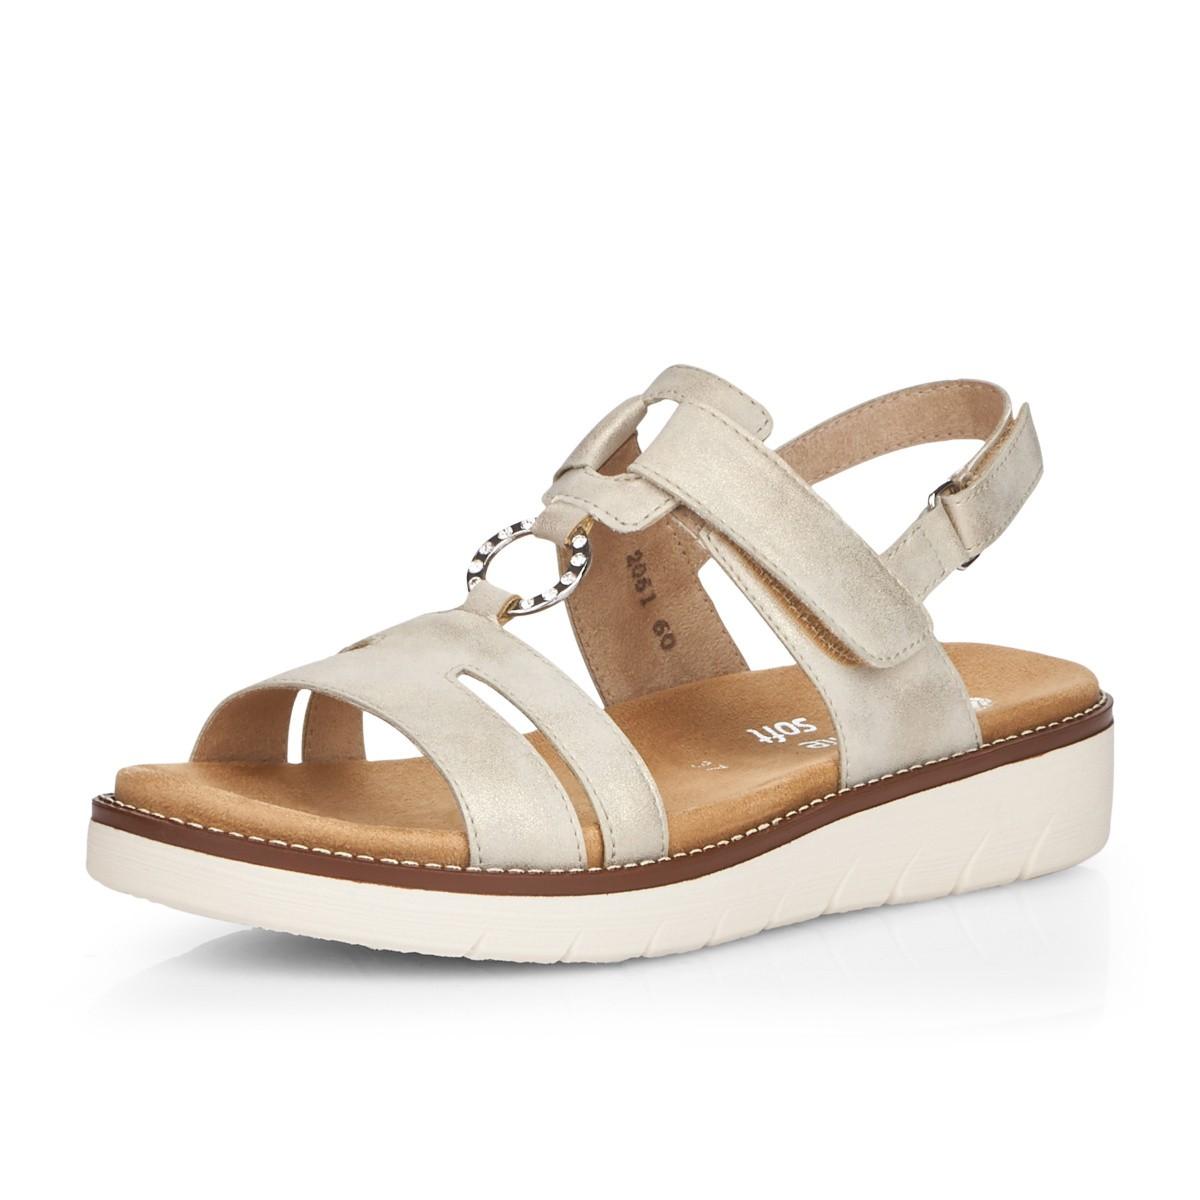 Női szandál | Vansize Egyedi méretű cipők 32 35 és 42 46